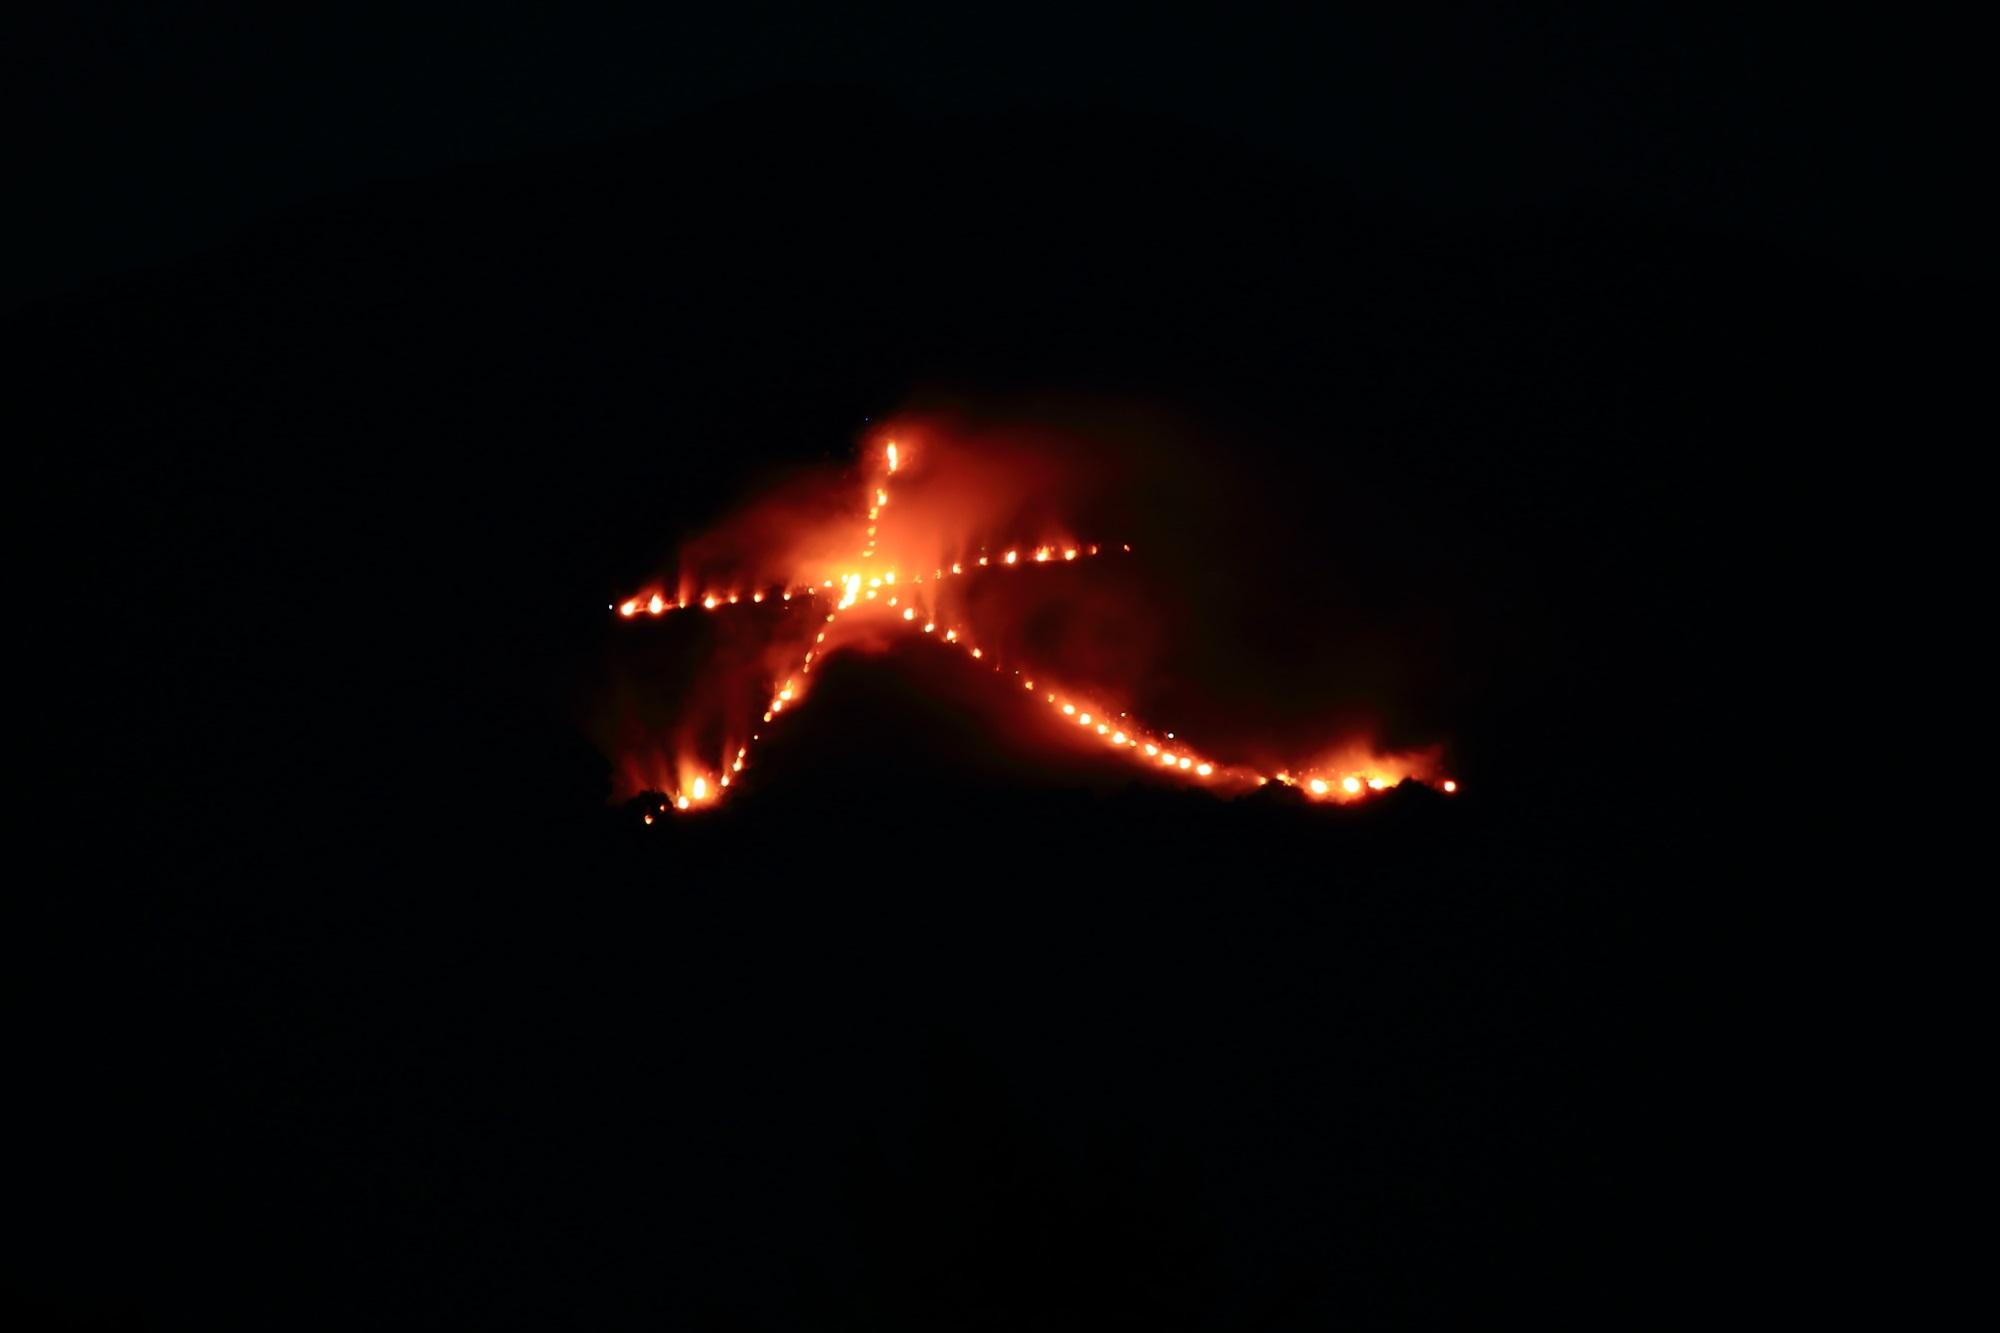 五山送り火の東山如意ケ嶽の一気に燃え出した大文字 2015年8月16日